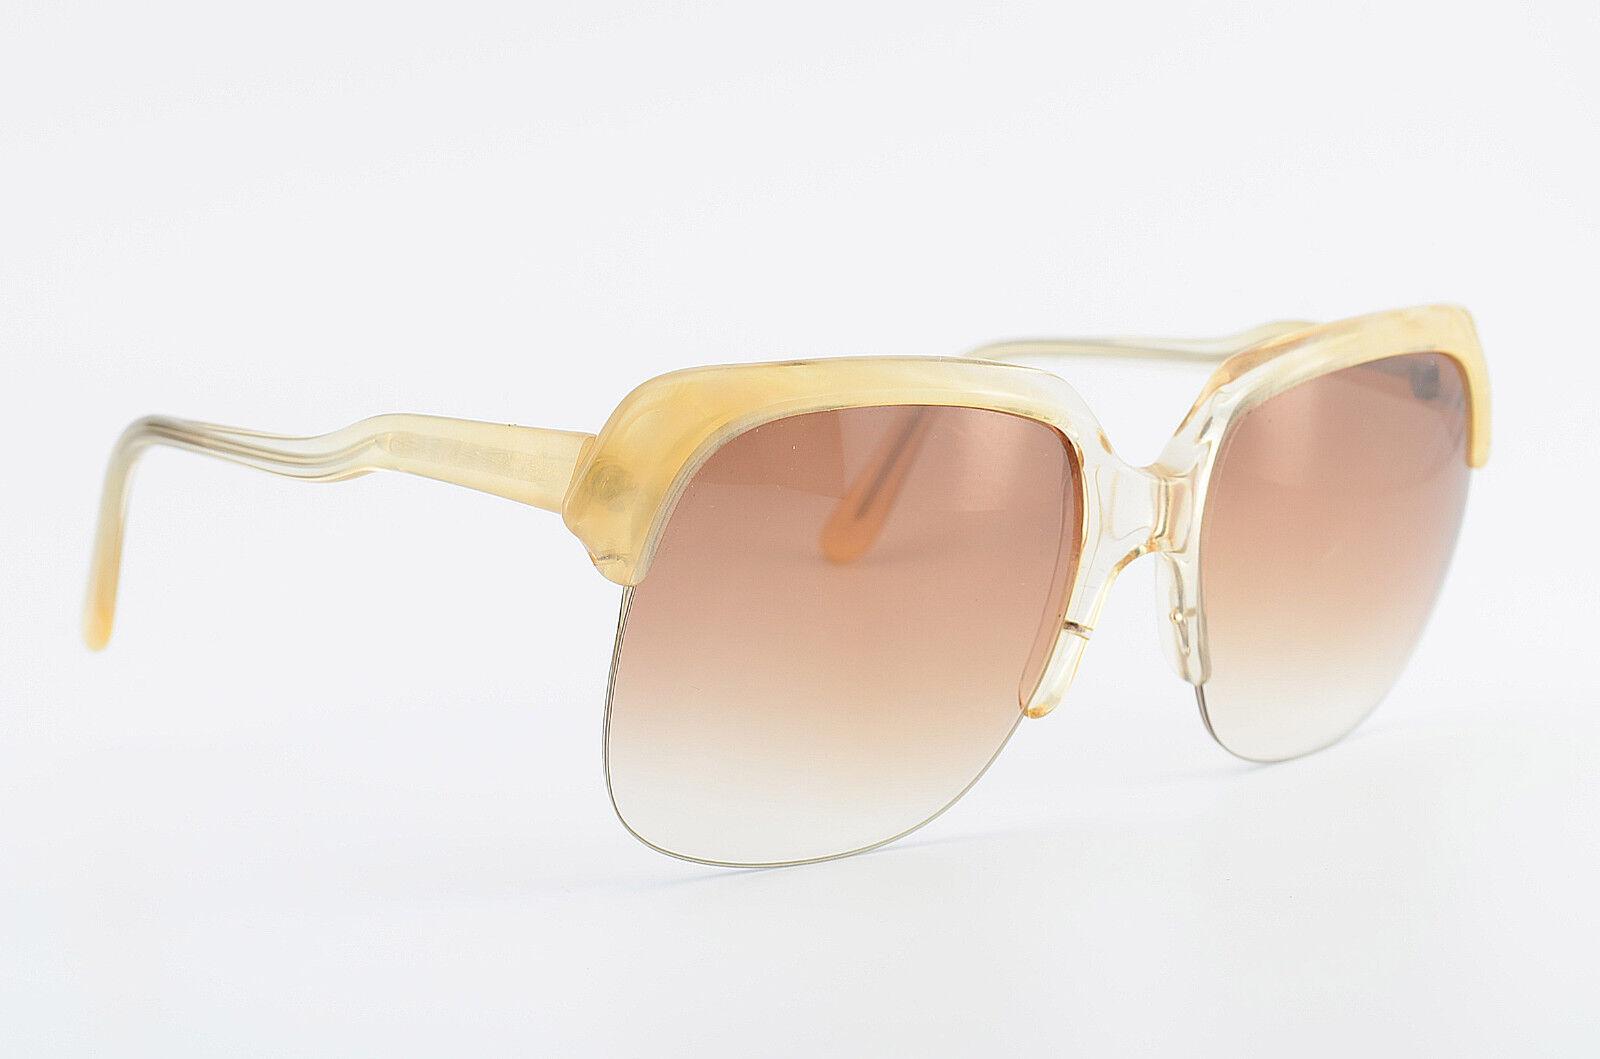 SIRENA Sonnenbrille FEC Heidelberg Heidelberg Heidelberg 5820 130 Vintage Sunglasses Half-Rim Woman   Sale Outlet    Wir haben von unseren Kunden Lob erhalten.    Ab dem neuesten Modell    Neue Produkte im Jahr 2019  55cbe3